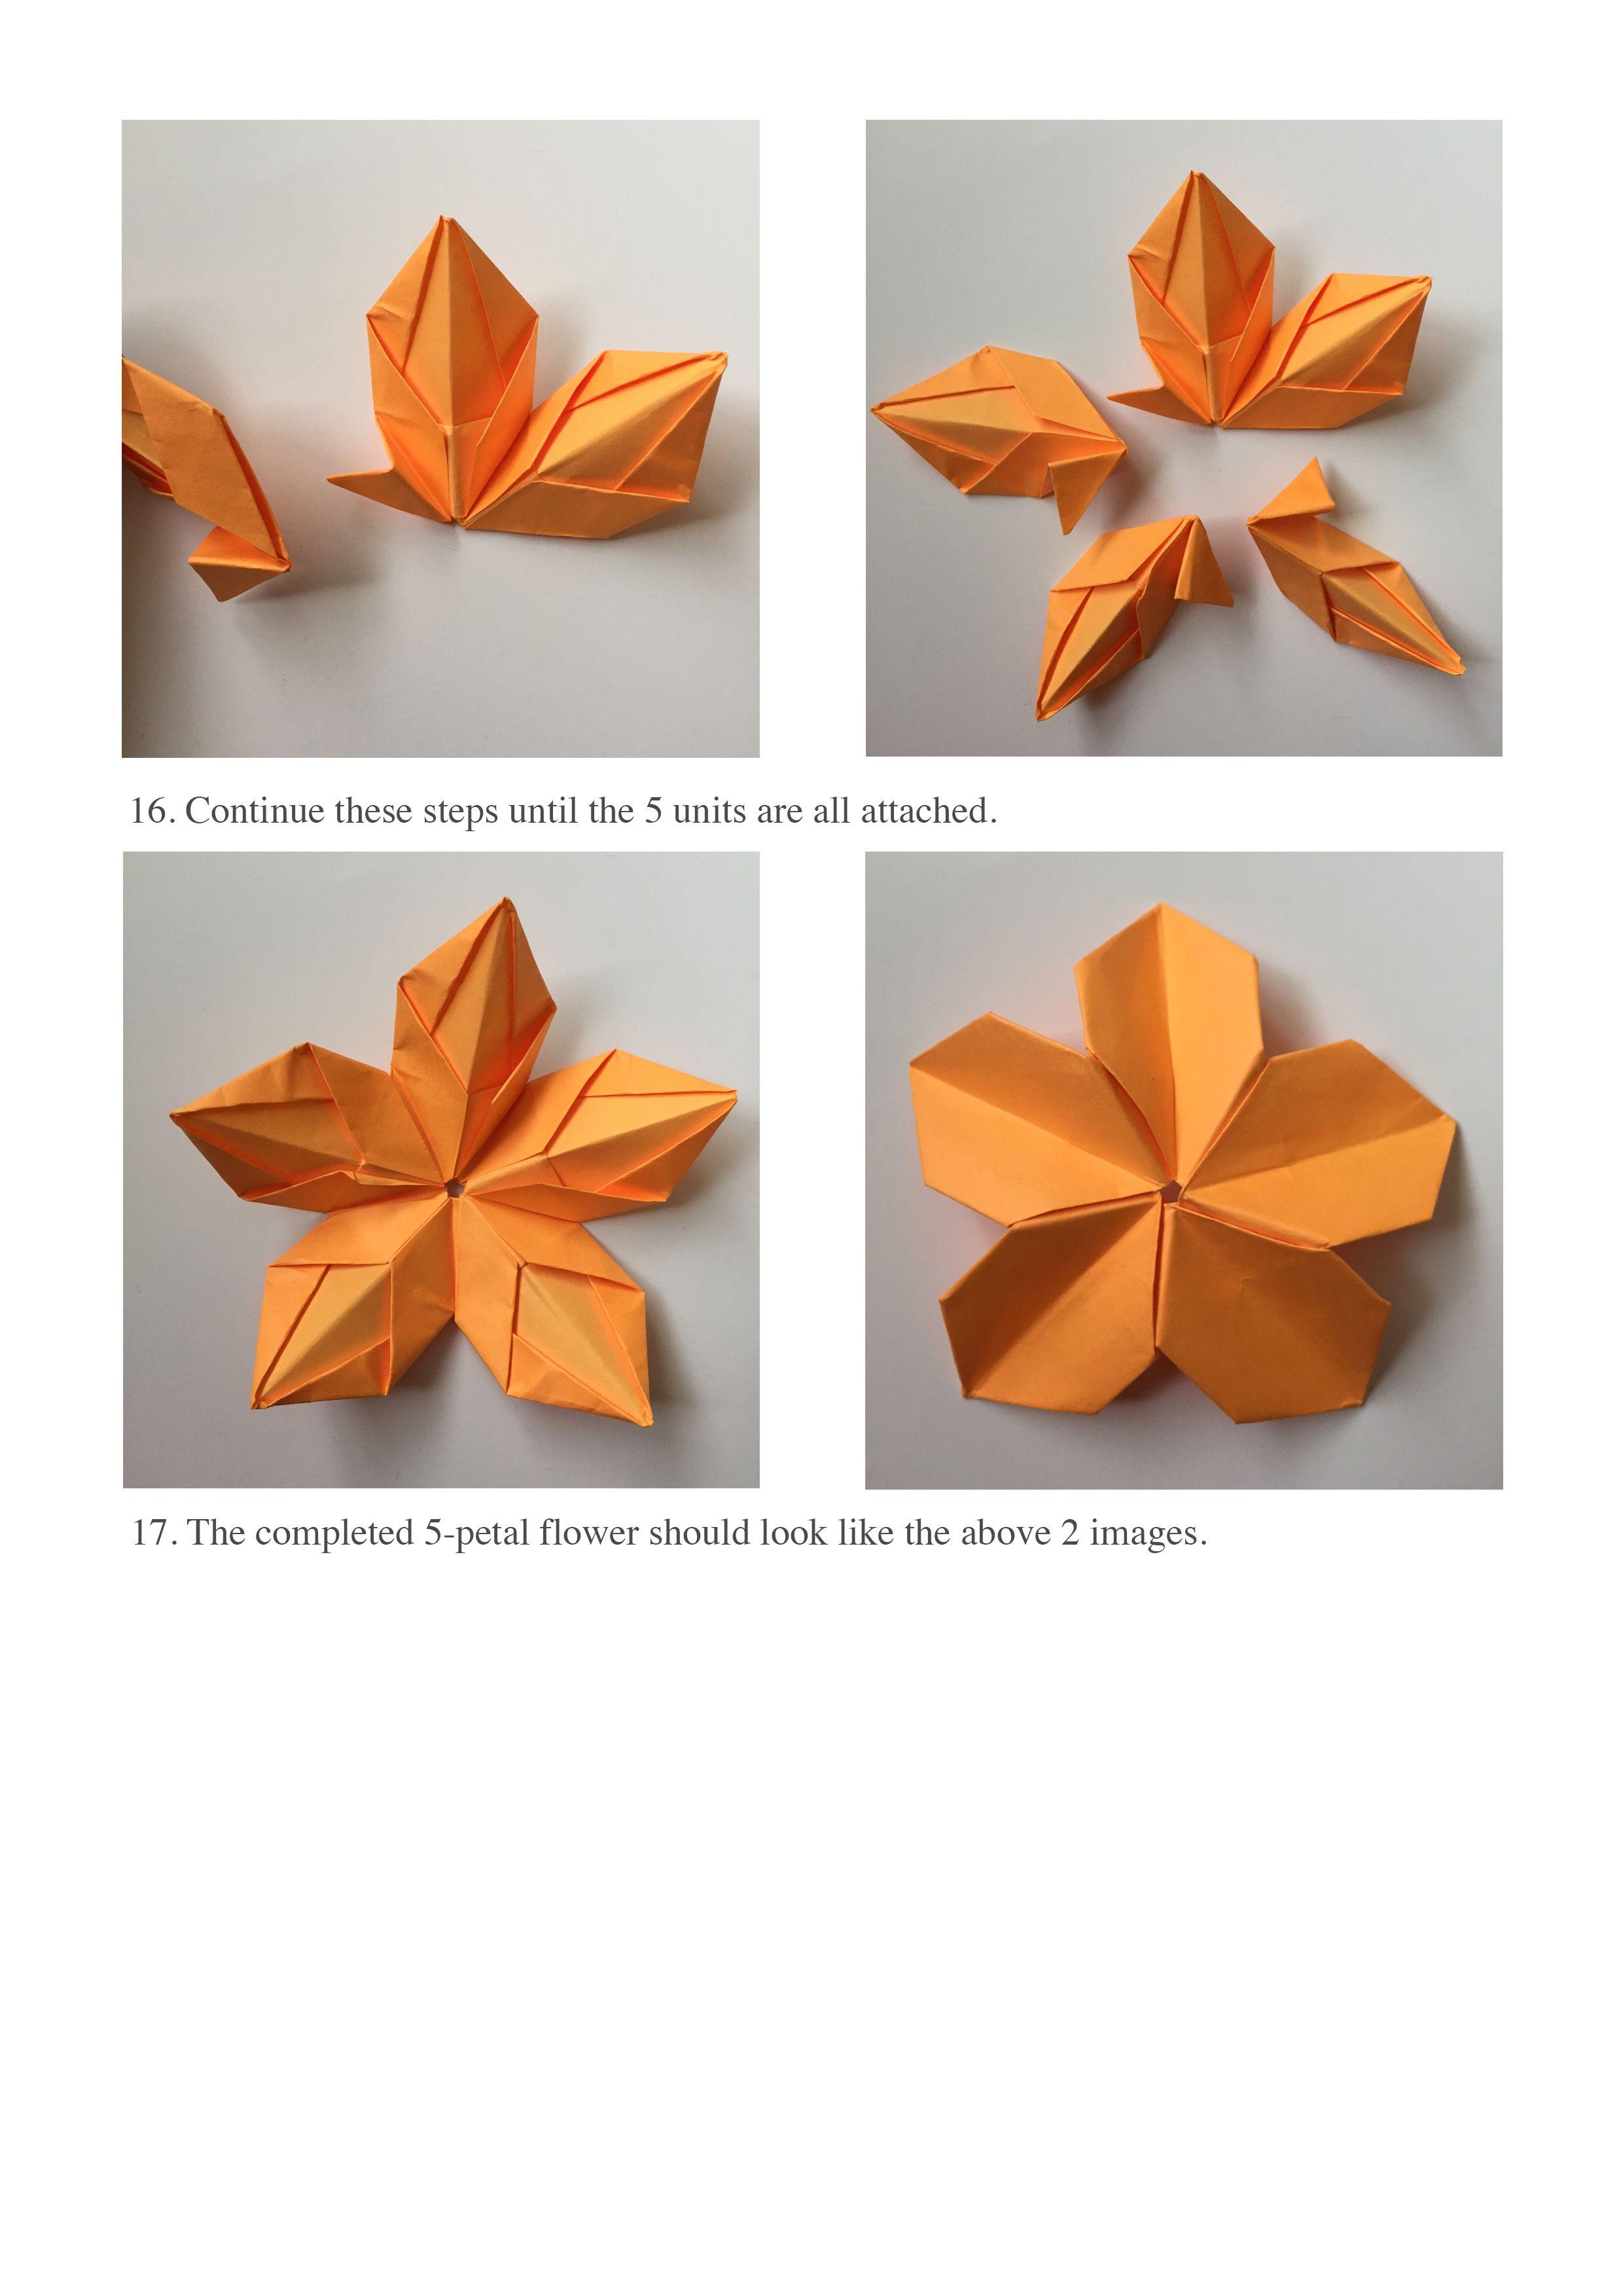 5 Petal Flower Steps 16 17 Assessment Tool Origami Pinterest